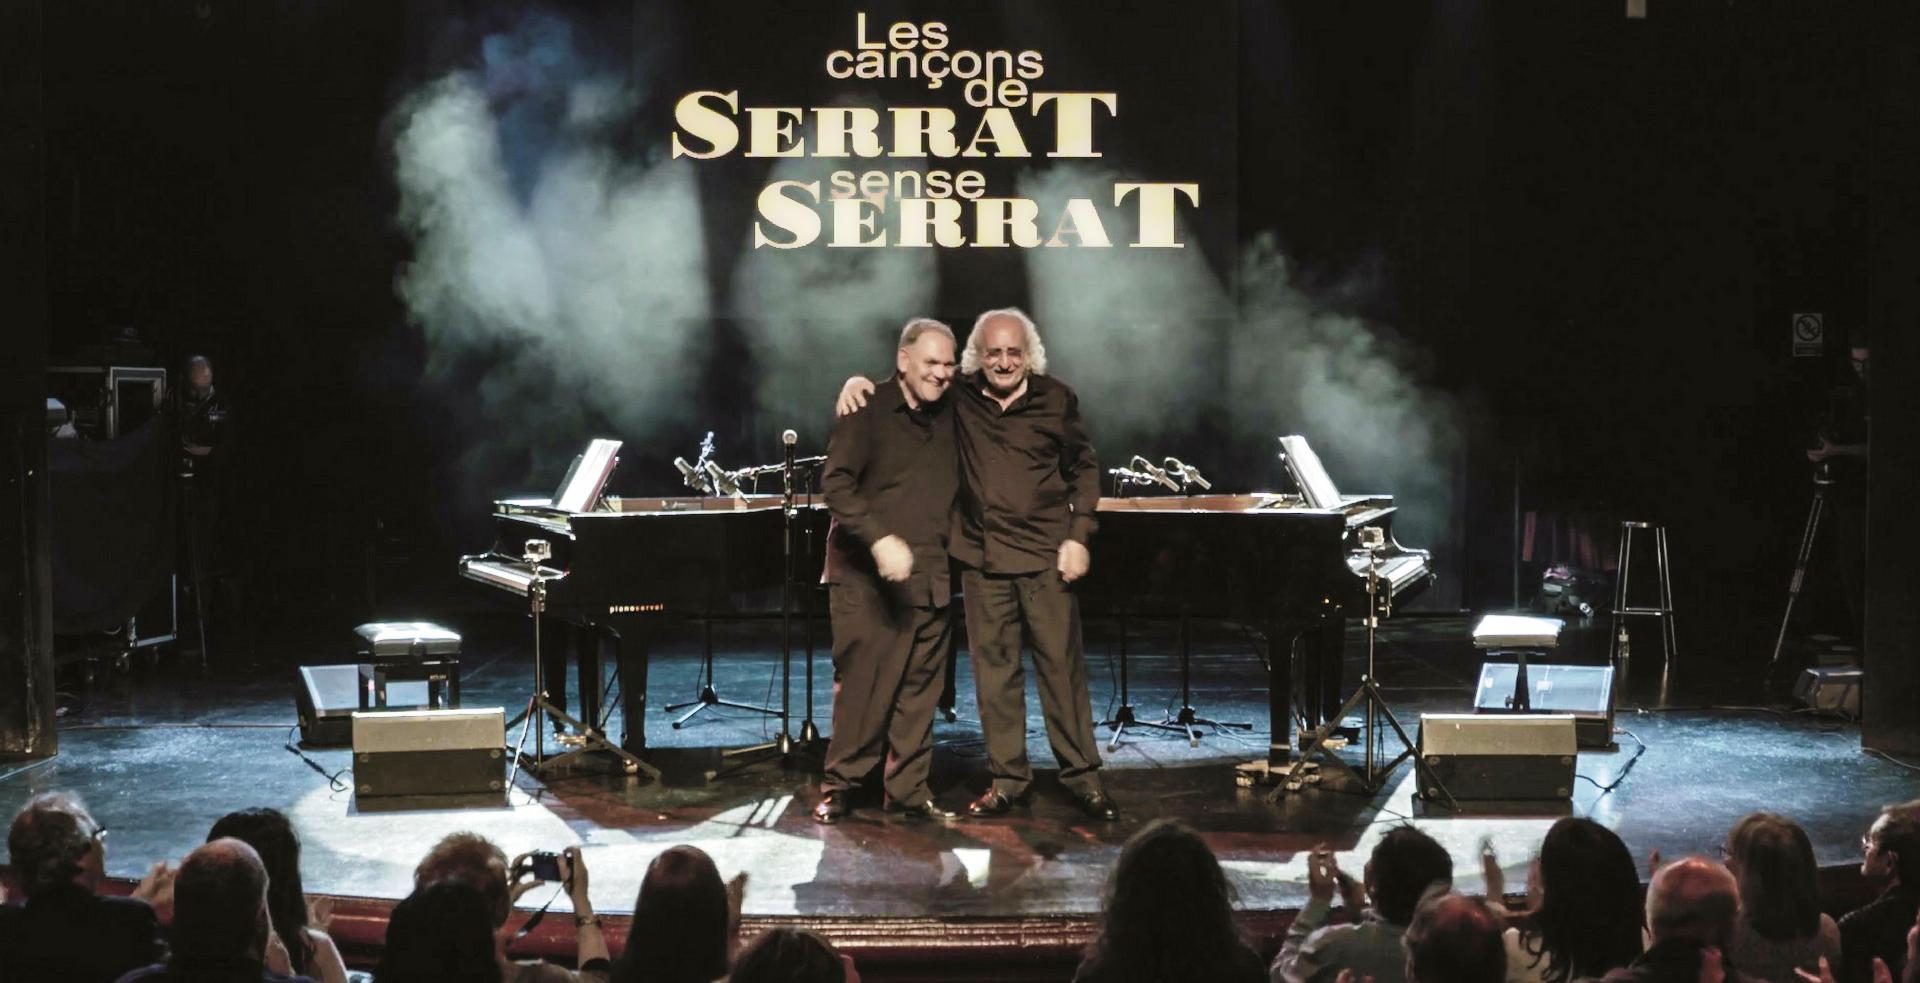 Les cançons de Serrat sonen al Berger Balaguer